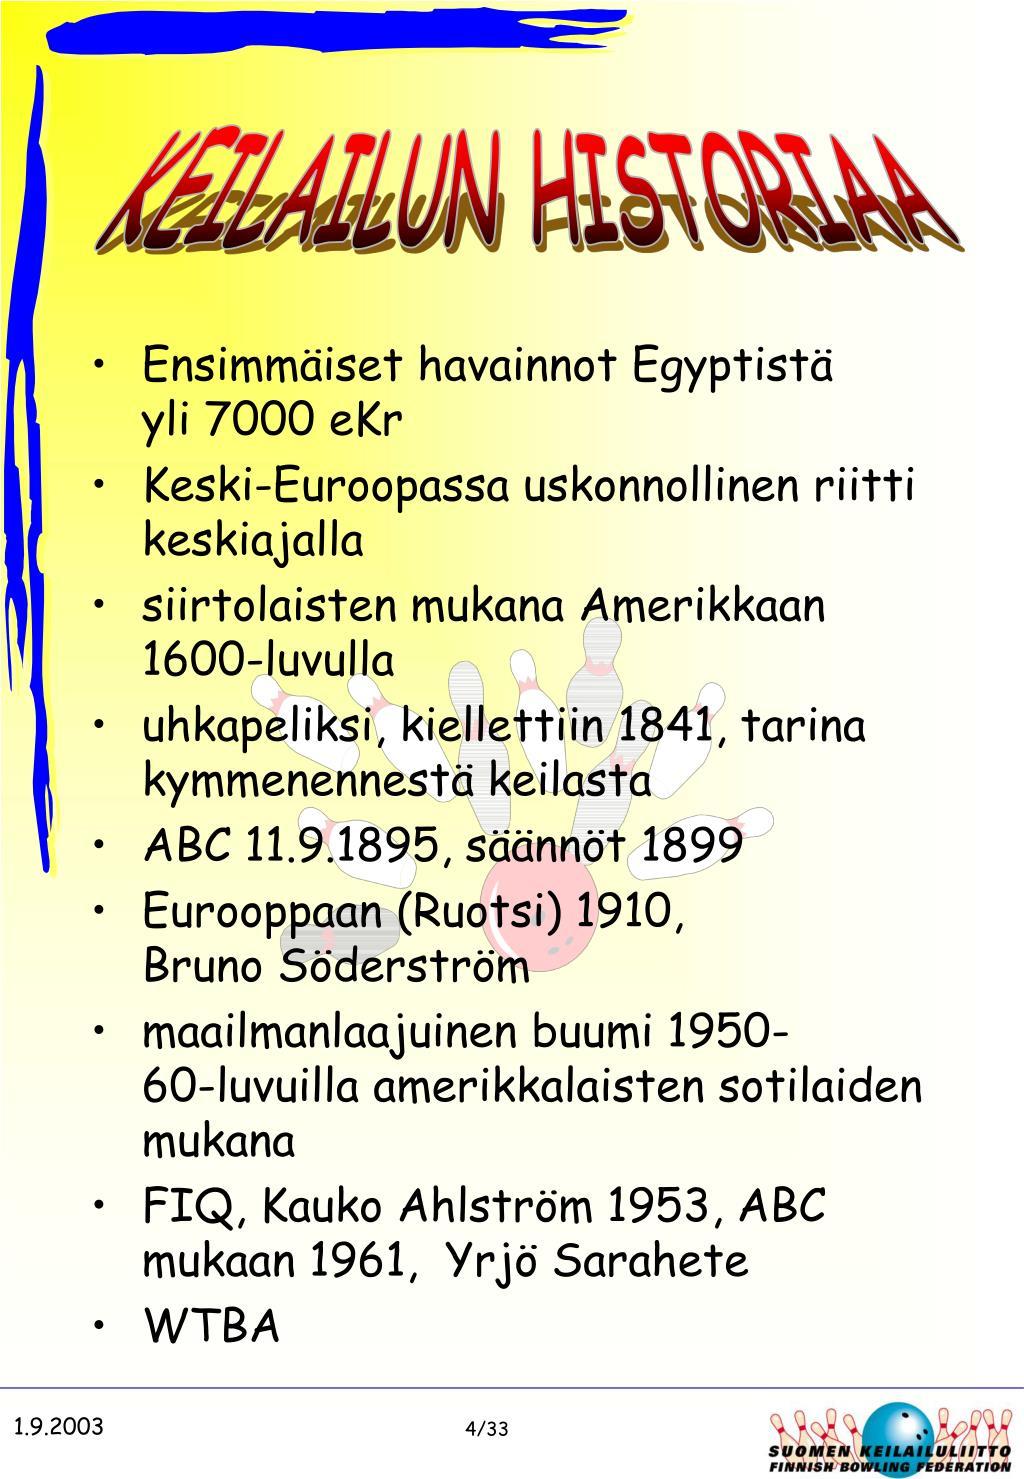 KEILAILUN HISTORIAA